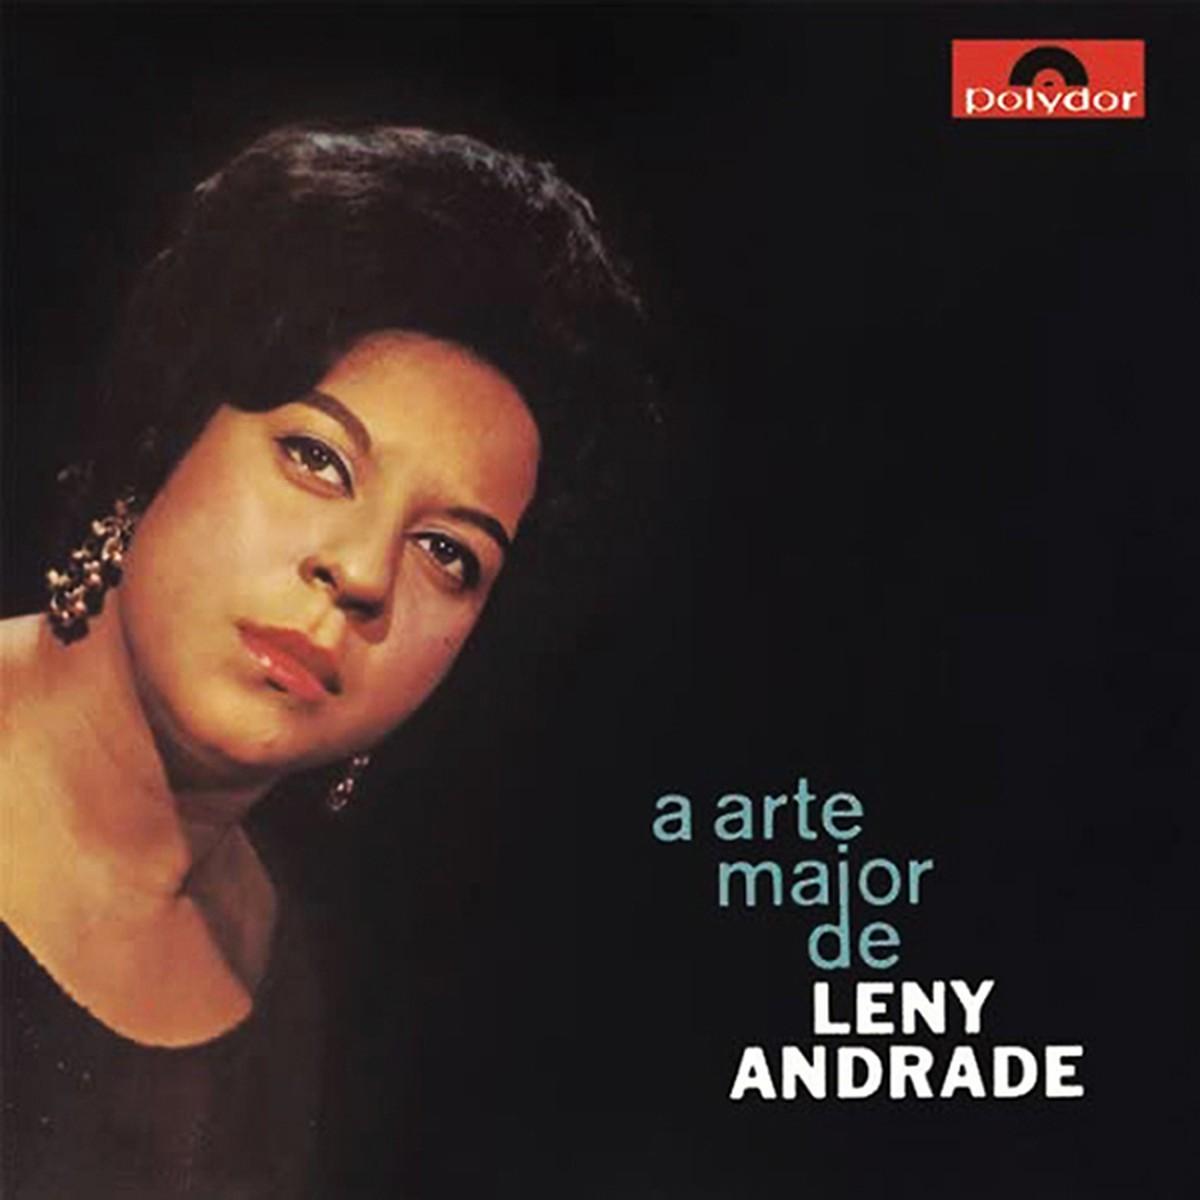 Discos para descobrir em casa – 'A arte maior de Leny Andrade', Leny Andrade, 1964 | Blog do Mauro Ferreira